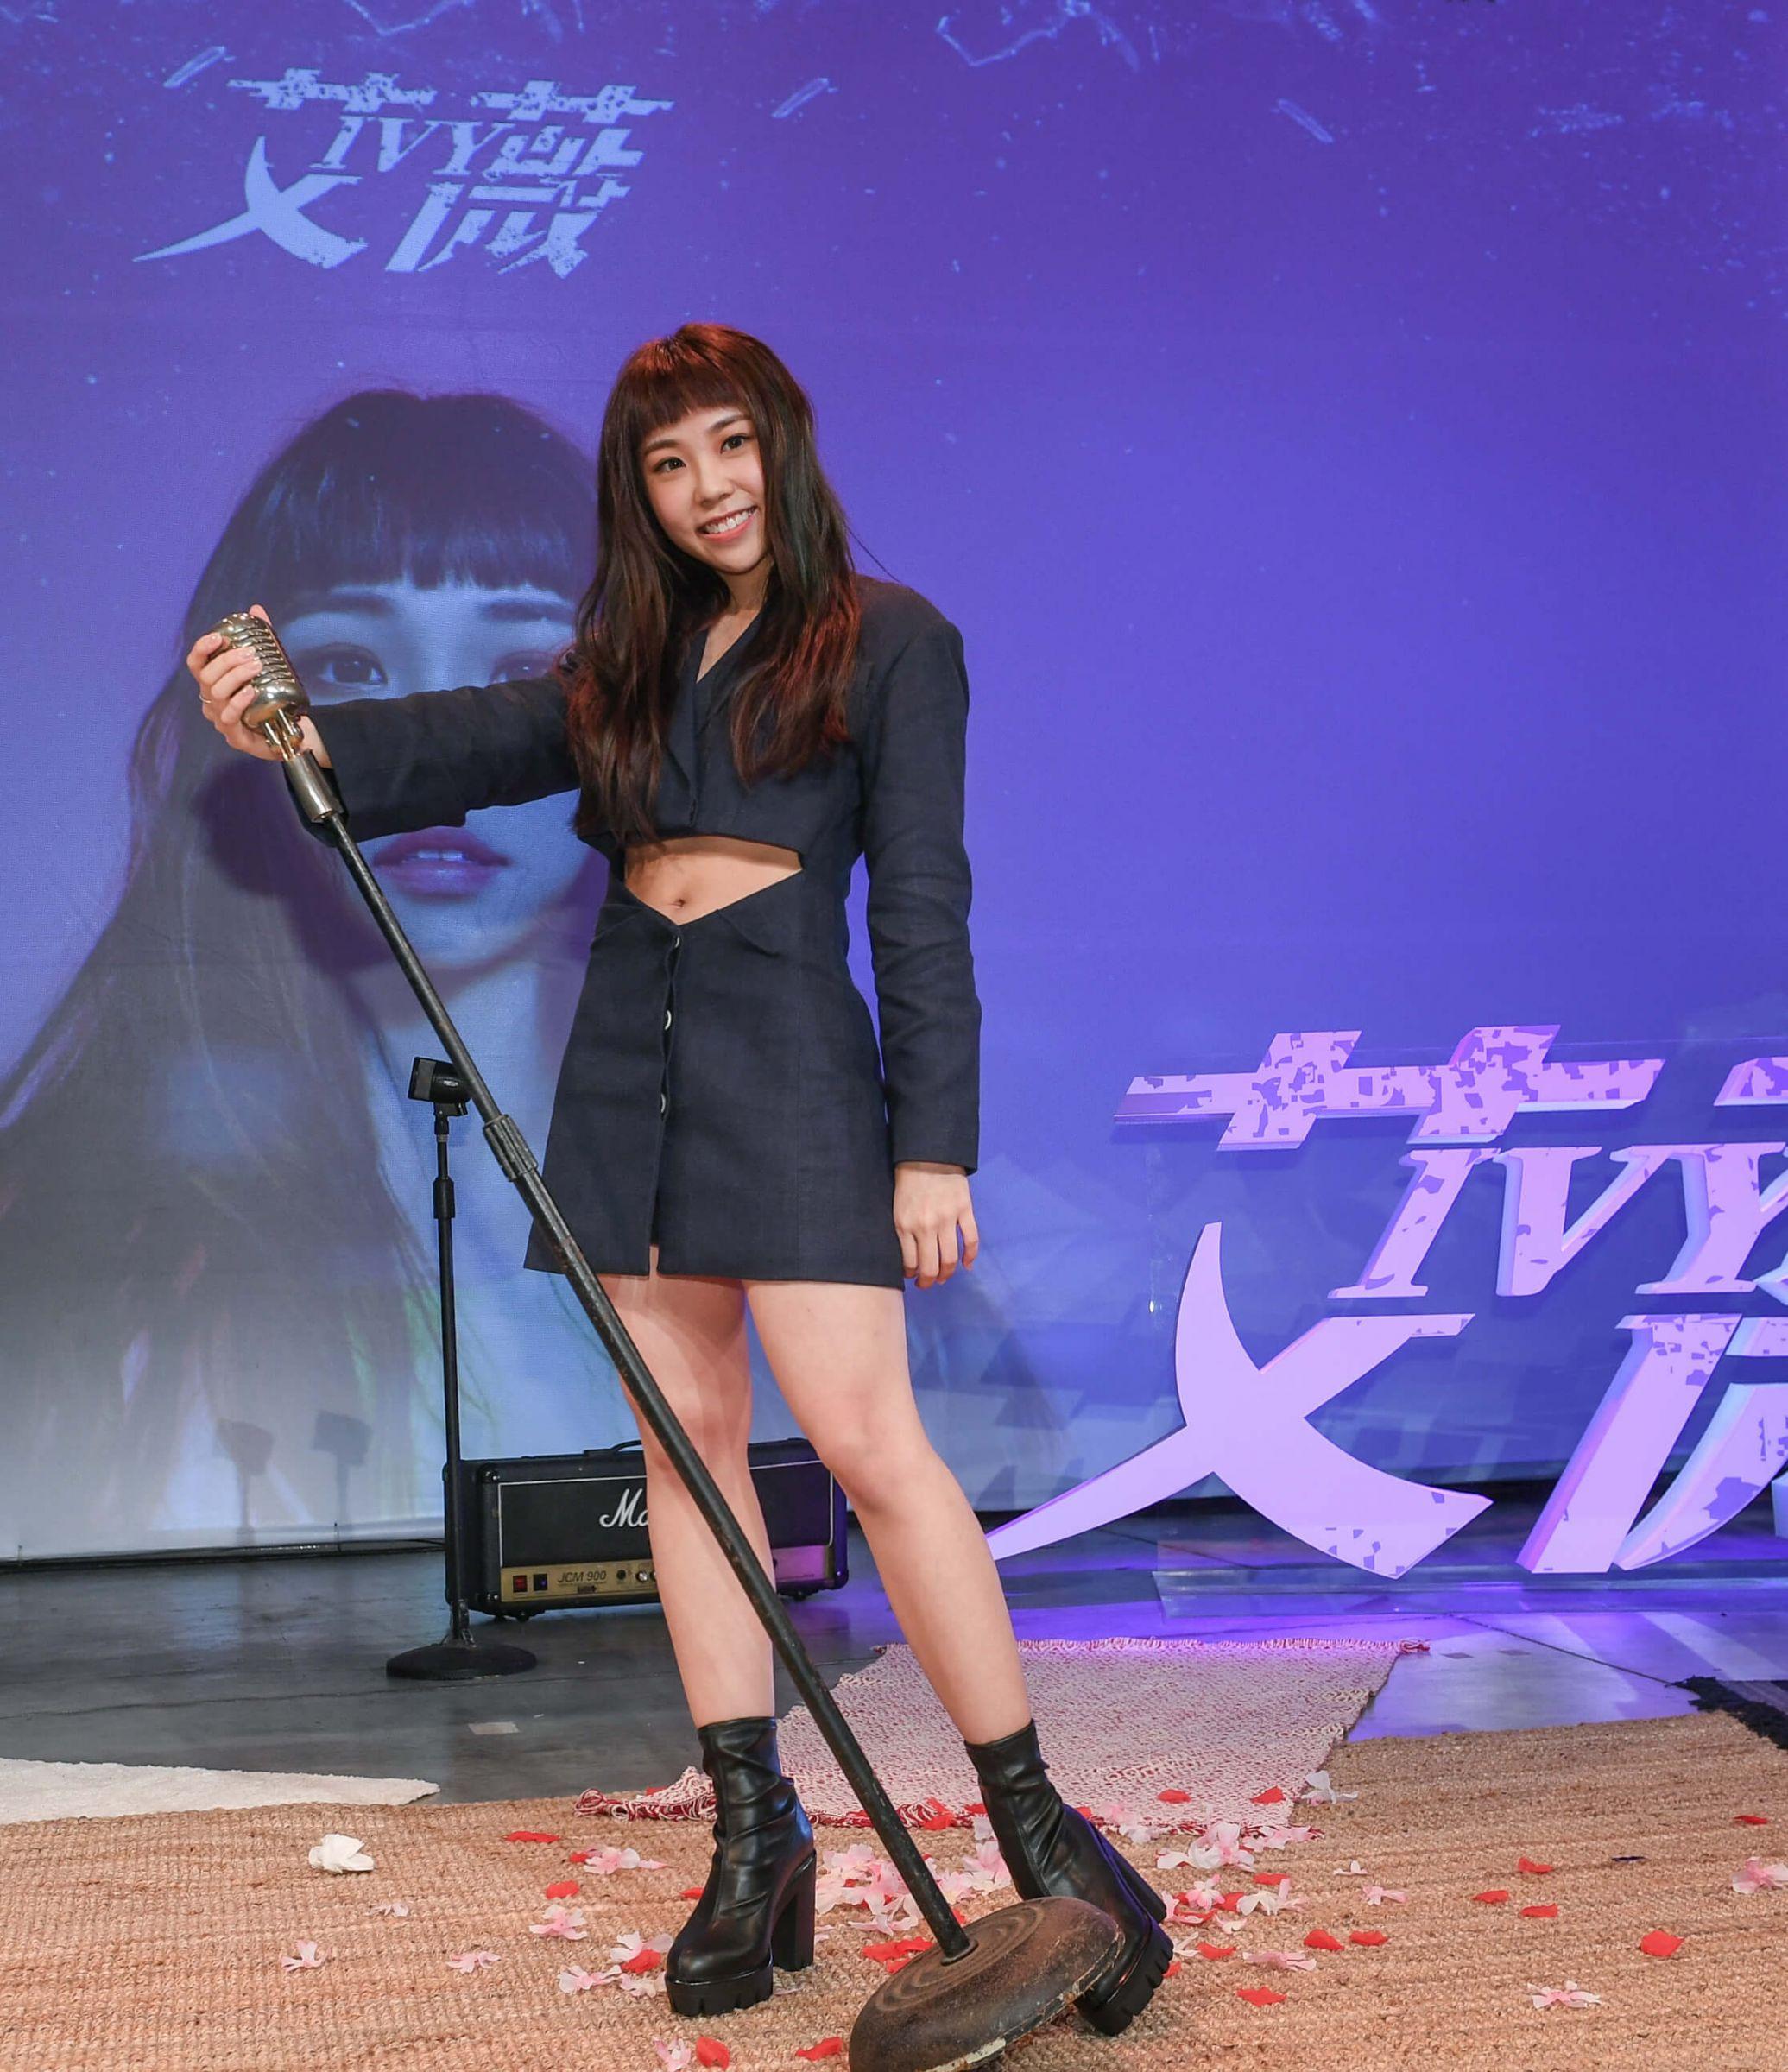 《聲林2》冠軍艾薇「新單曲曝光」 離鄉打拼爆哭14天!